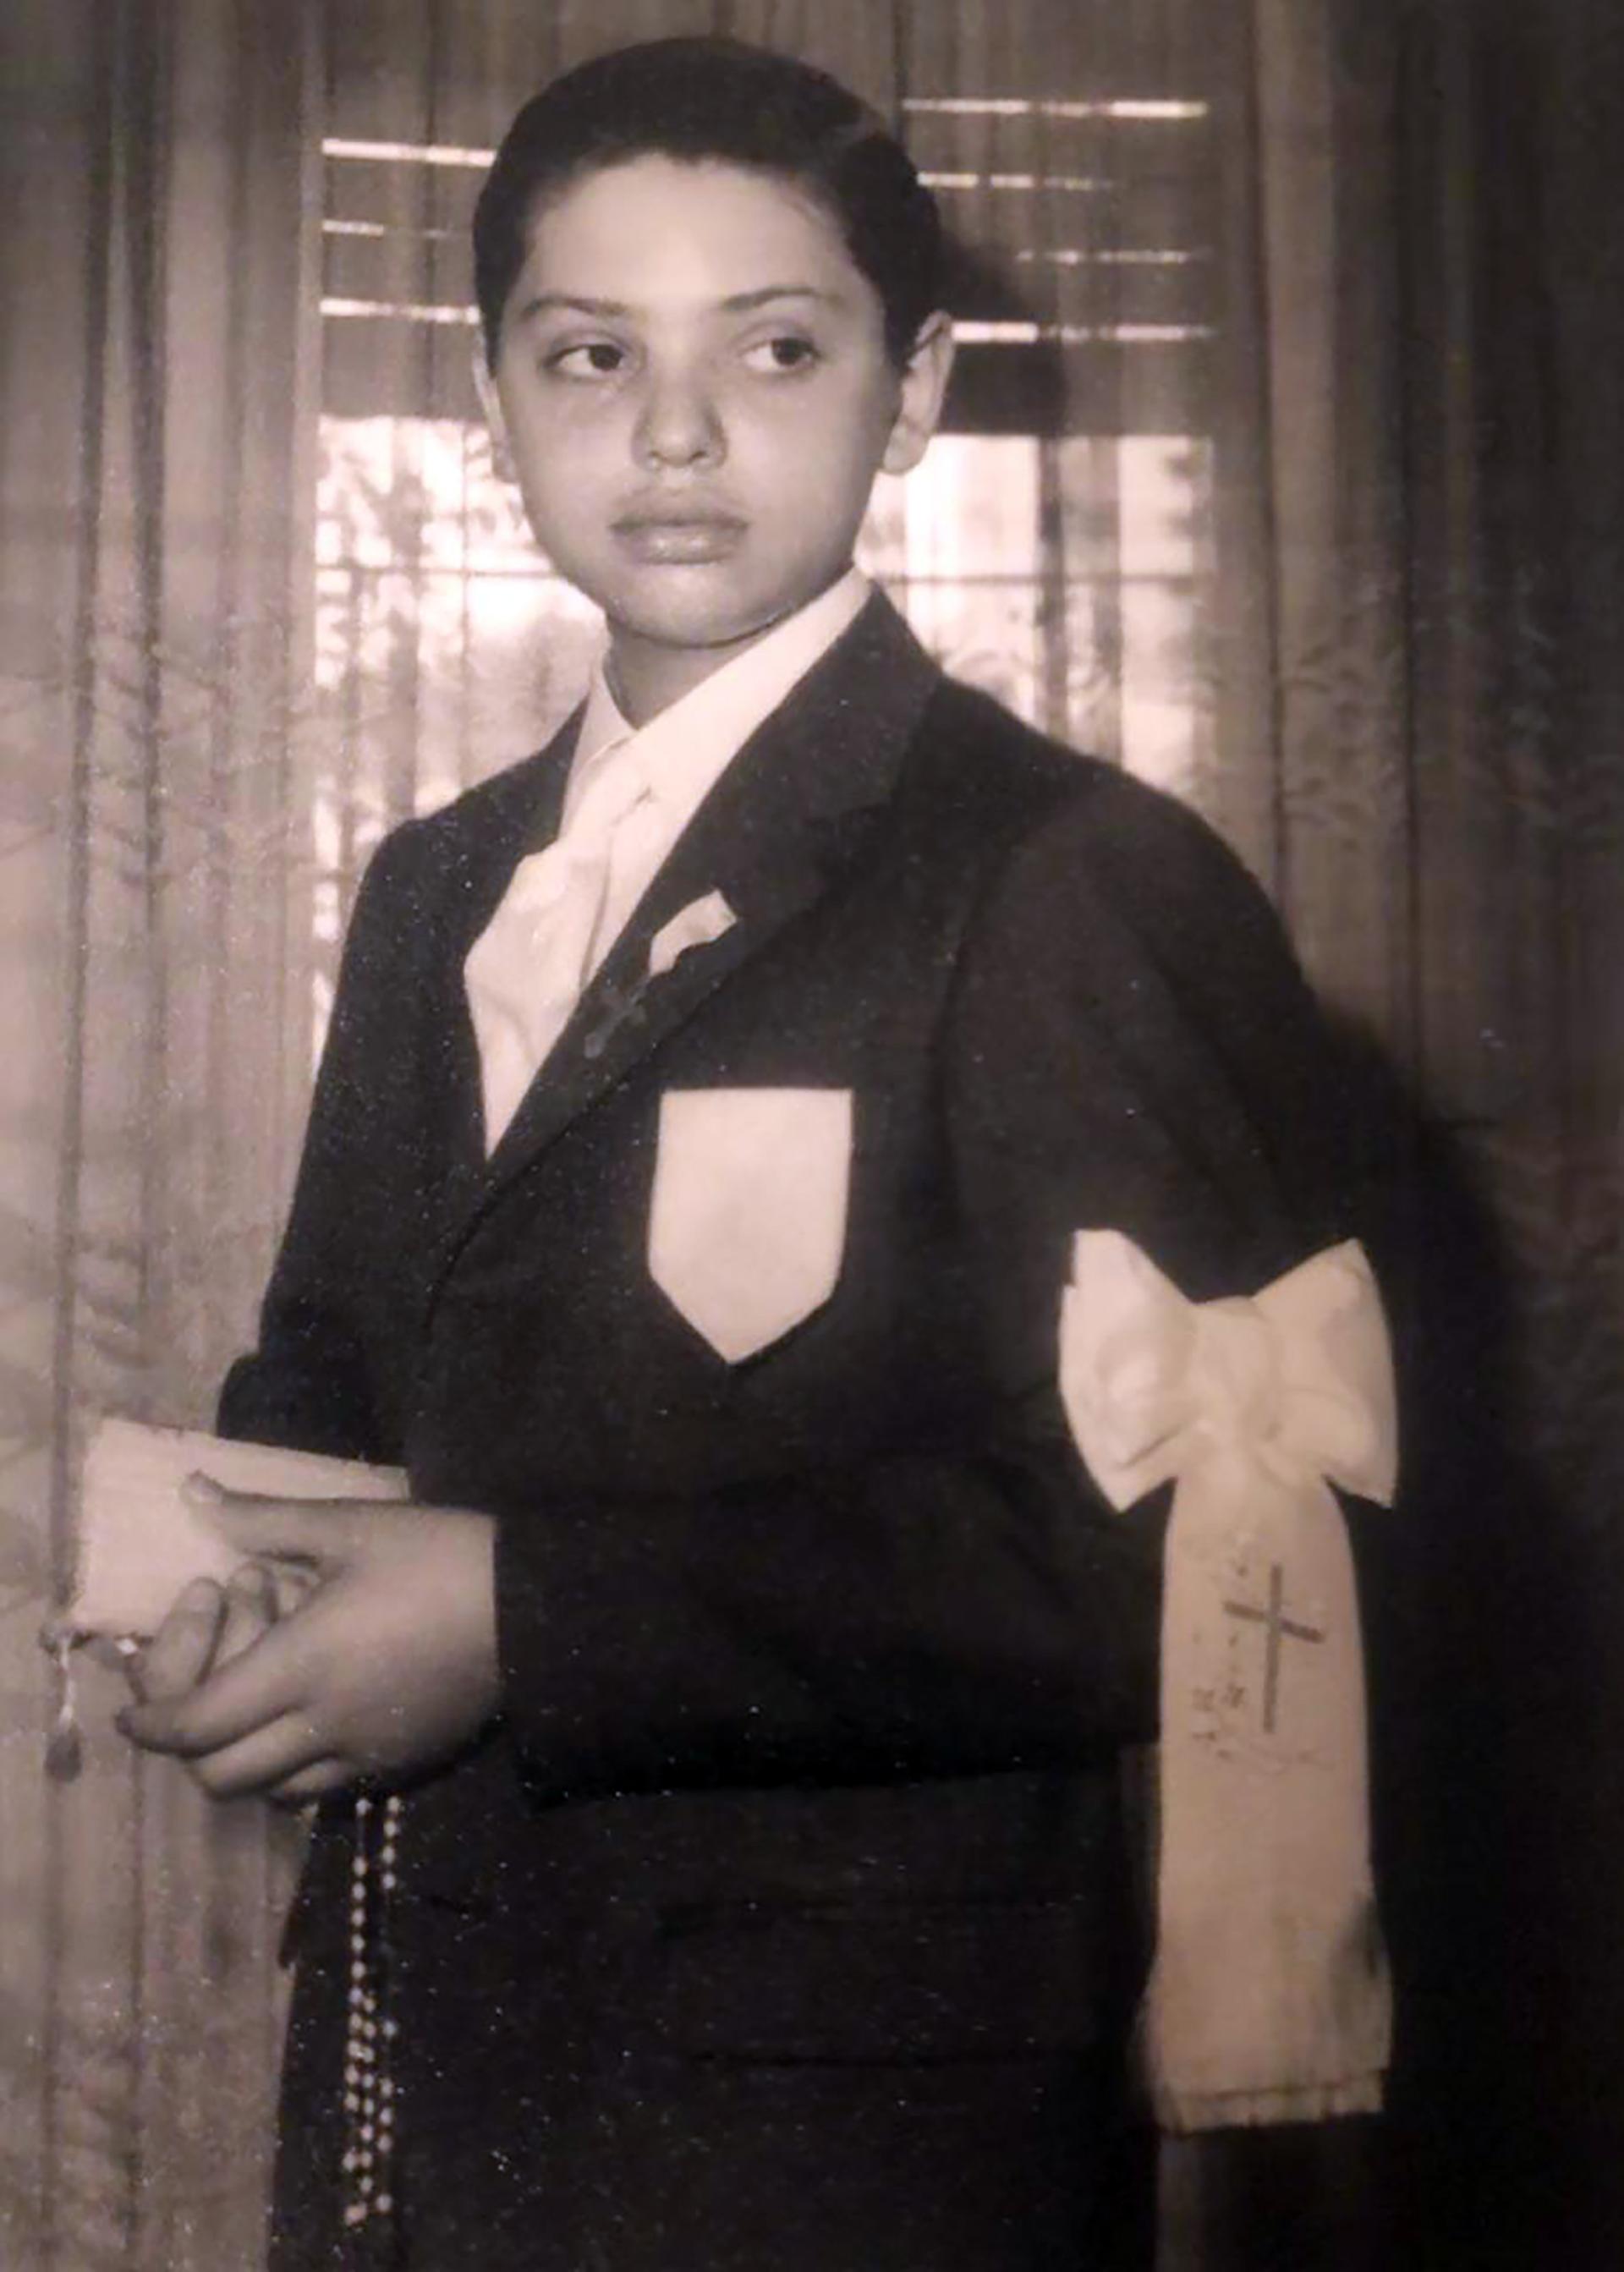 Tomó la comunión en 1967. Si bien dijo que era